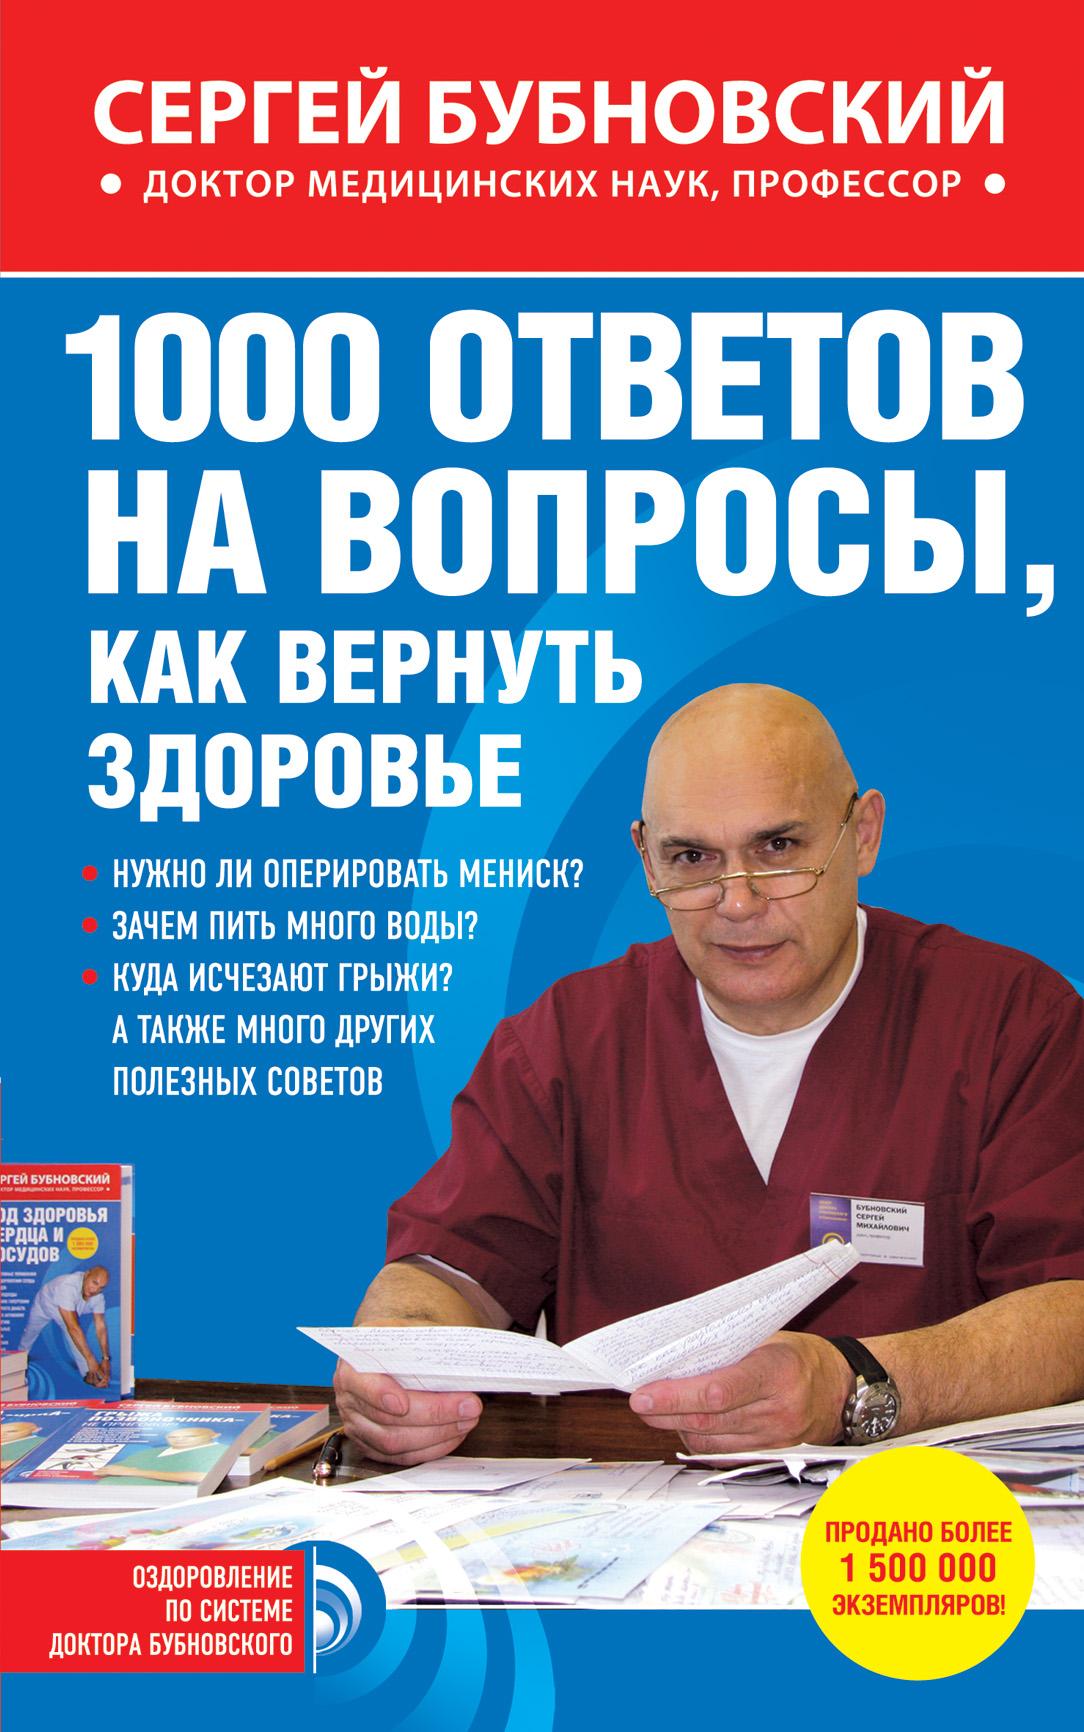 Купить 1000 ответов на вопросы, как вернуть здоровье, Сергей Бубновский, 978-5-699-75851-7